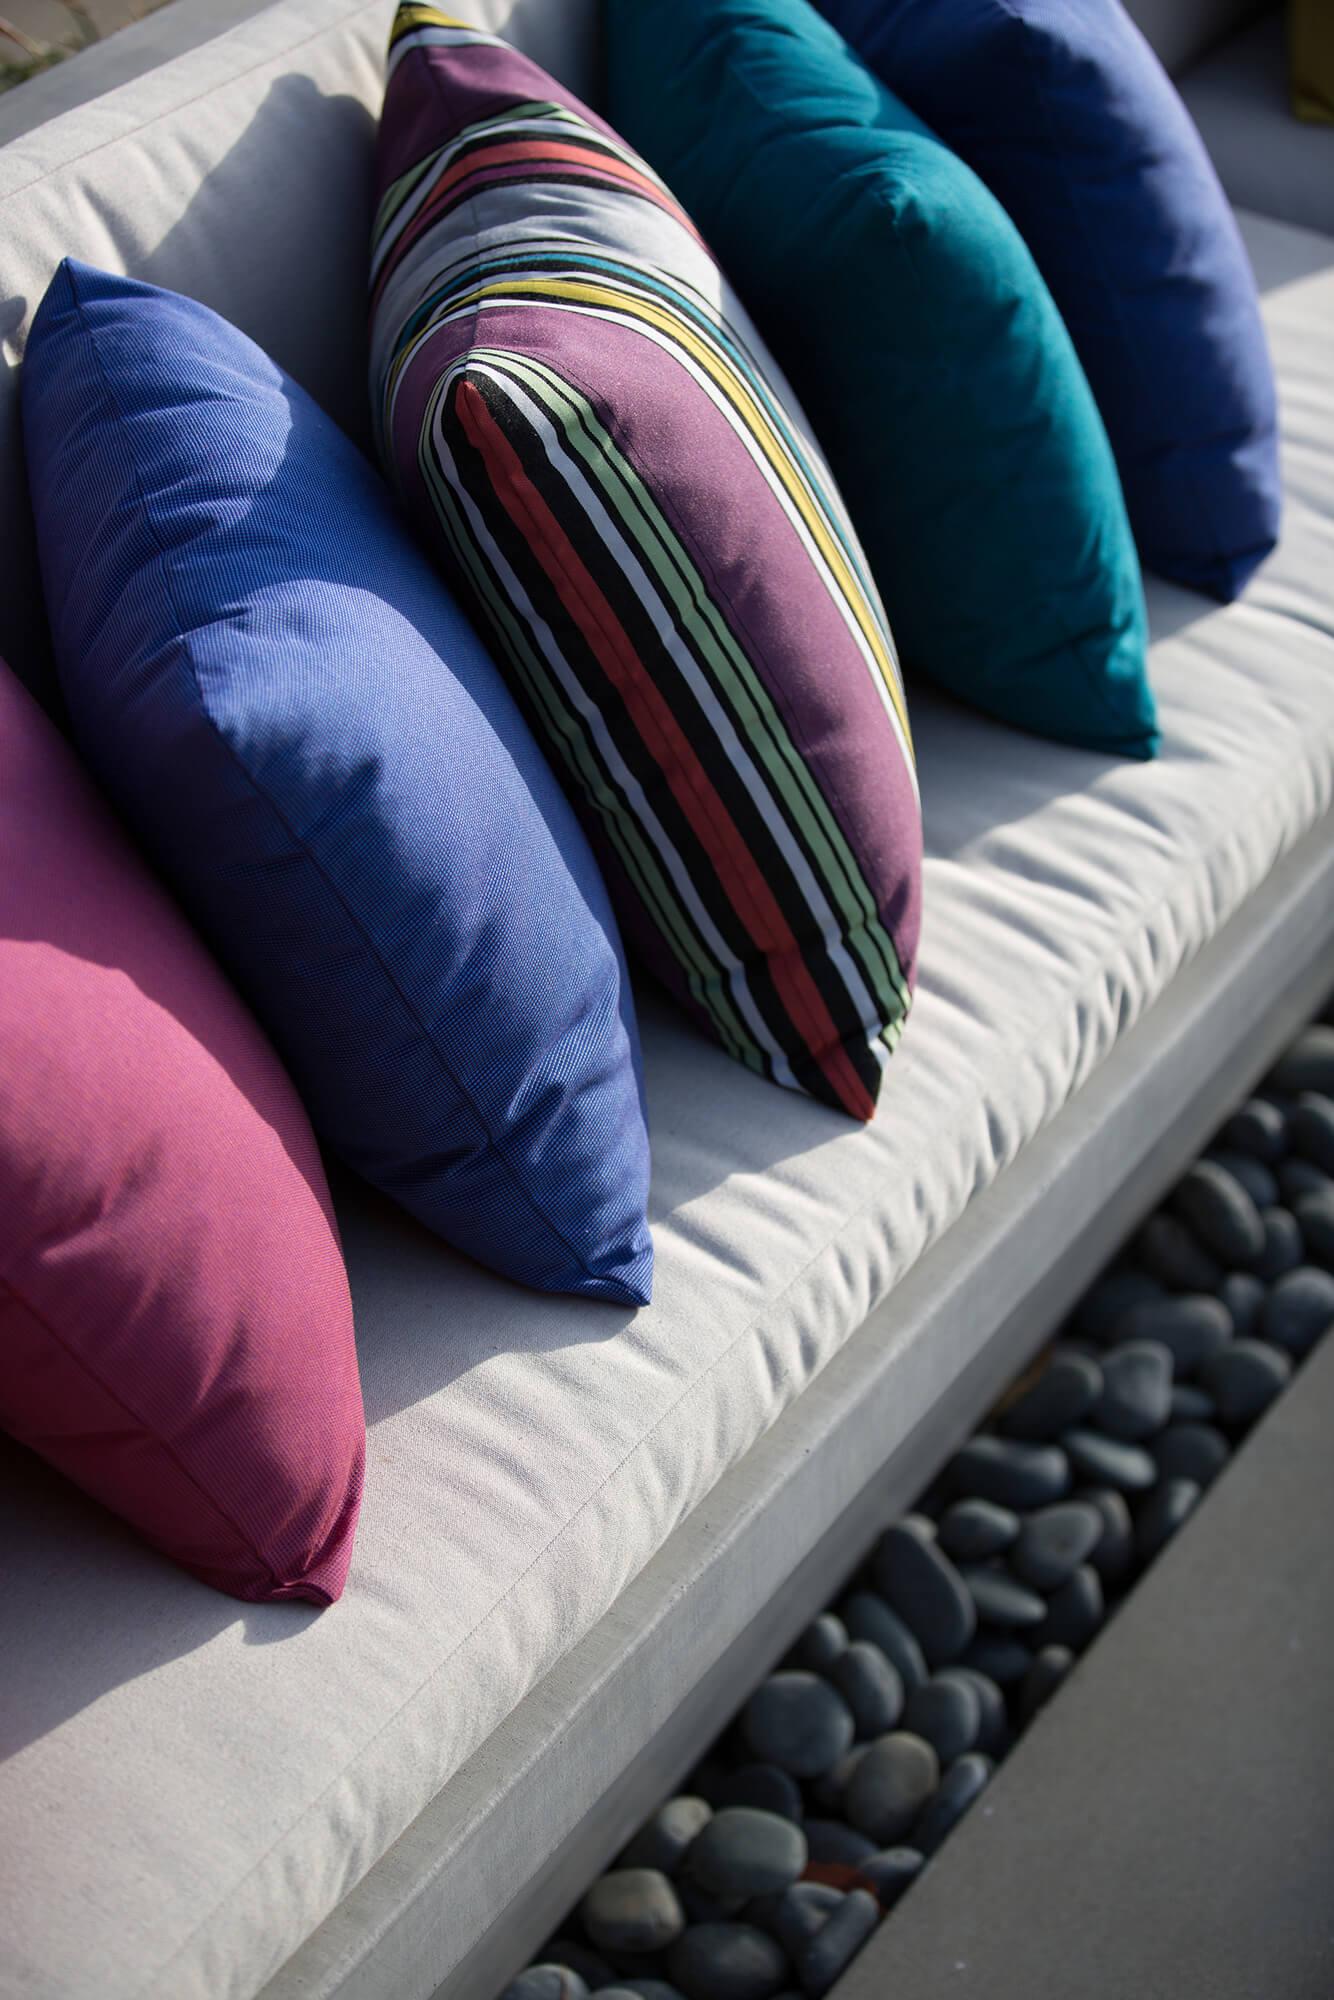 ภาพขยายของหมอนสีสว่างทำจากผ้า Sunbrella บนเบาะสีน้ำตาลอ่อน